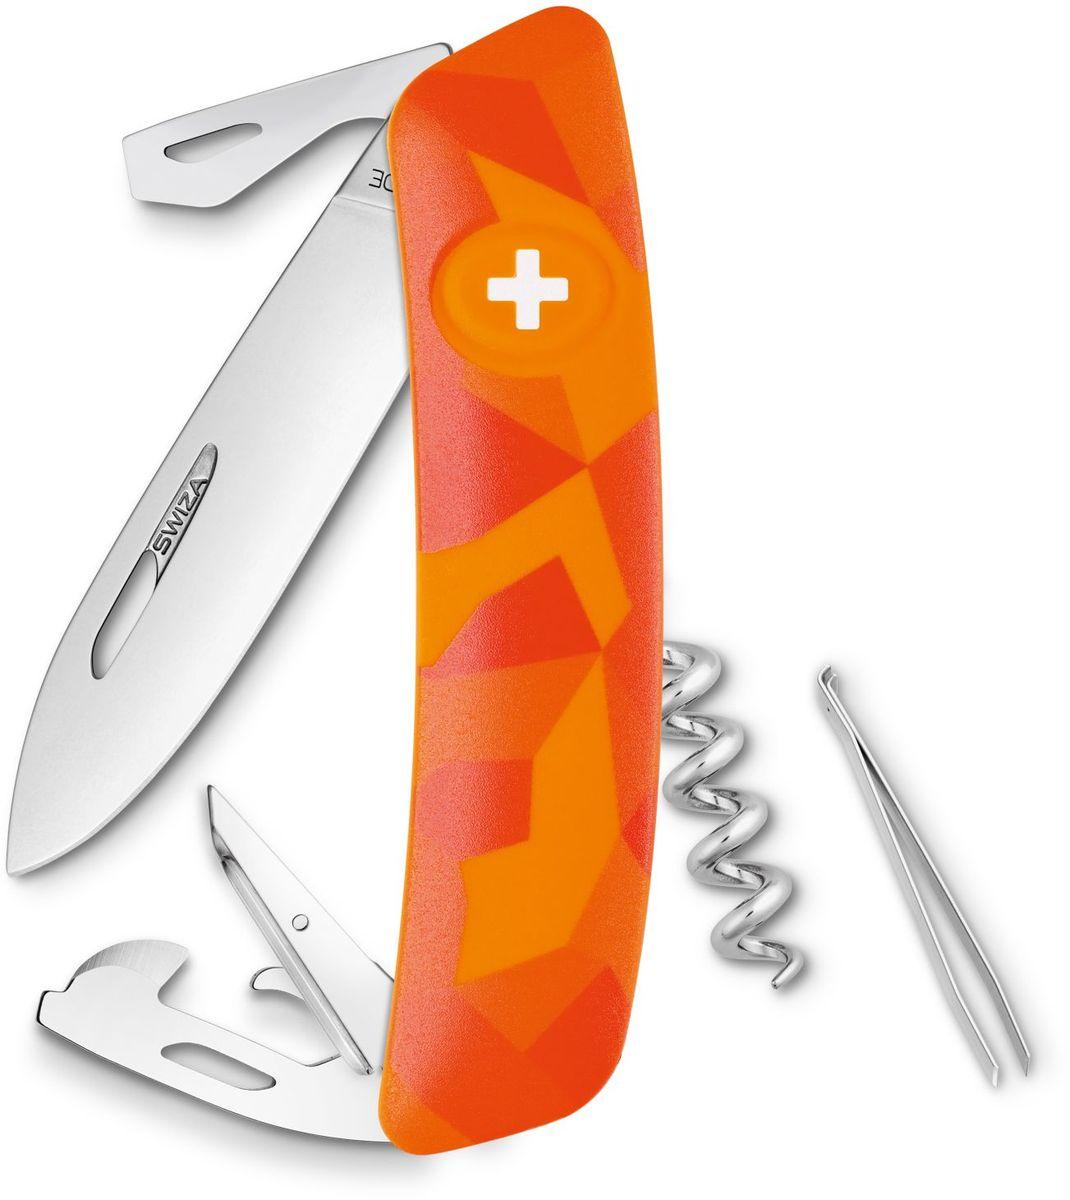 Нож швейцарский SWIZA С03, цвет: оранжевый, длина клинка 7,5 см000518Швейцарский нож (SWIZA С03) с его революционной формой и безопасной рукояткой, легко раскладываемой ручкой - самый удобный и простой в использовании швейцарский нож на все времена. Эргономично изогнутая форма ножа обеспечивает более легкий доступ к инструментам, а пазы позволяют легко их открывать, как левой, так и правой рукой.1. нож перочинный, 2.Штопор, 3. ример/дырокол 4. шило, 5. безопасная блокировка лезвий, 6. пинцет 7. консервный нож, 8 Wire Bender (для проволоки), 9 Отвертка №1, 10. Отвертка №3, 11. Открывалка для бутылок